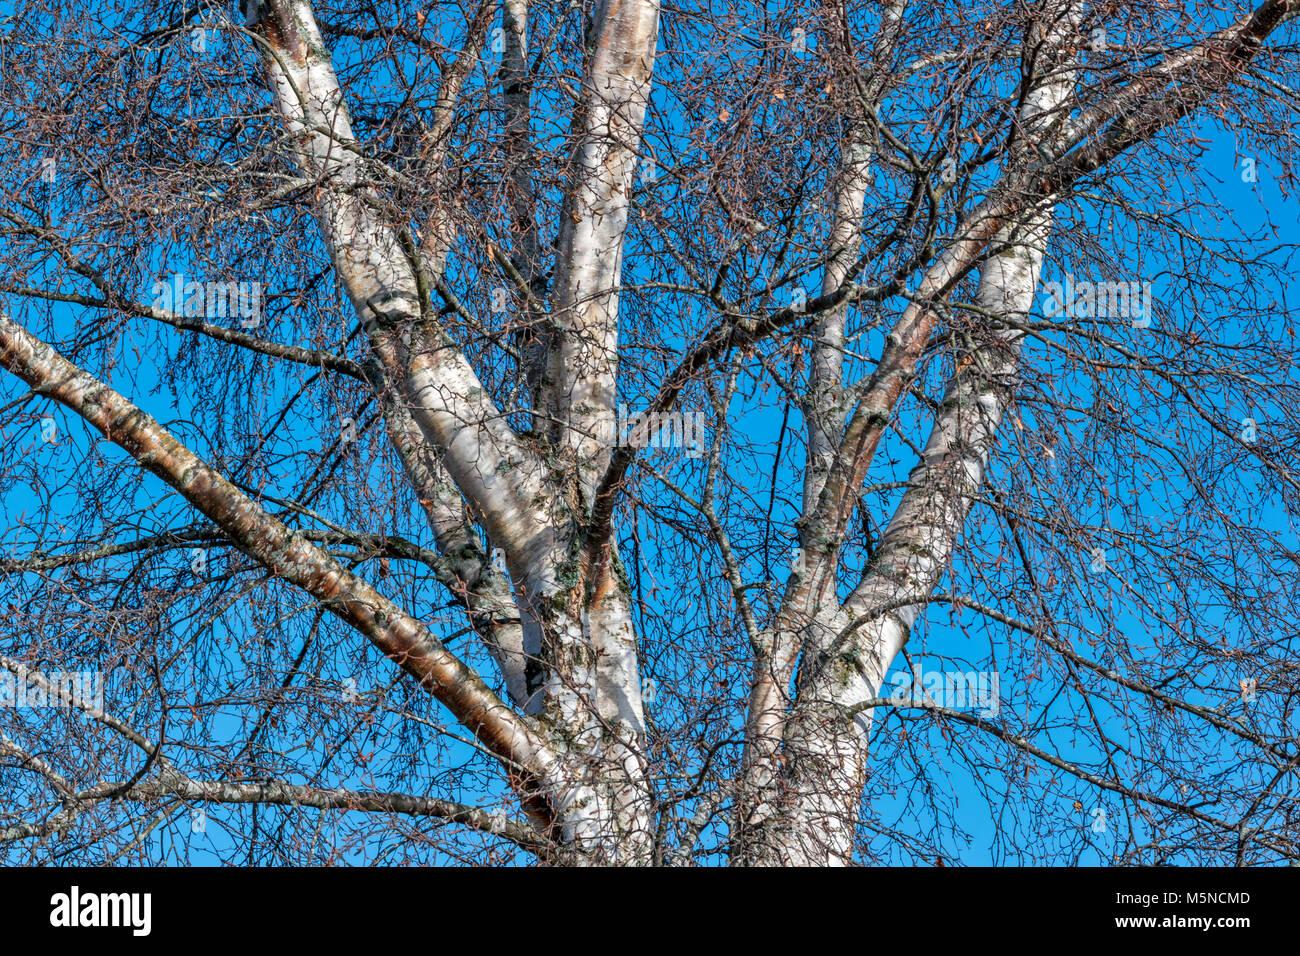 silber birke betula pendula stamm und Äste im winter mit silber